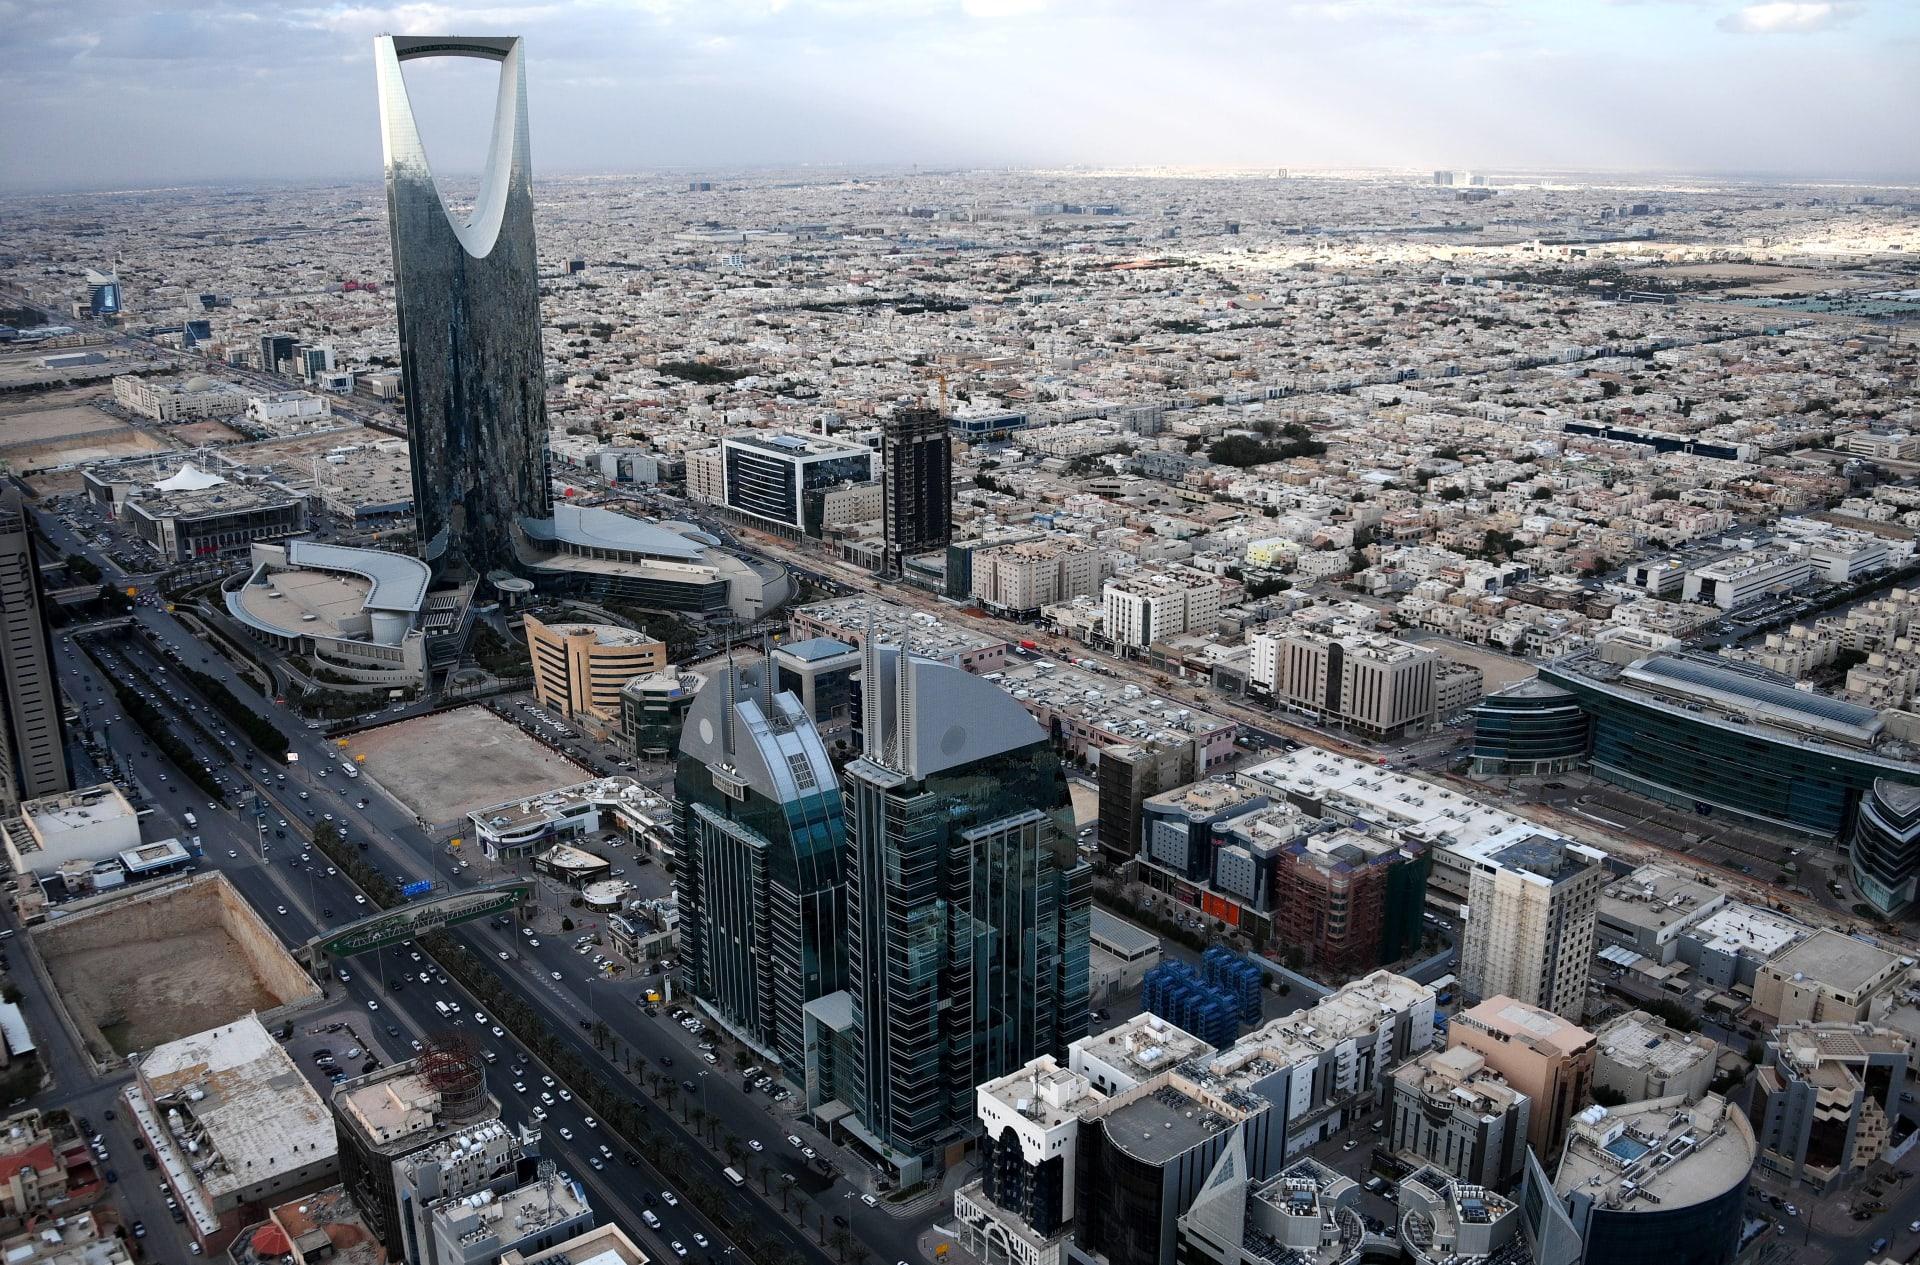 السعودية: ضبط عصابة تتاجر في منتجات جنسية ممنوعة.. ومصادرة 6 آلاف منتج